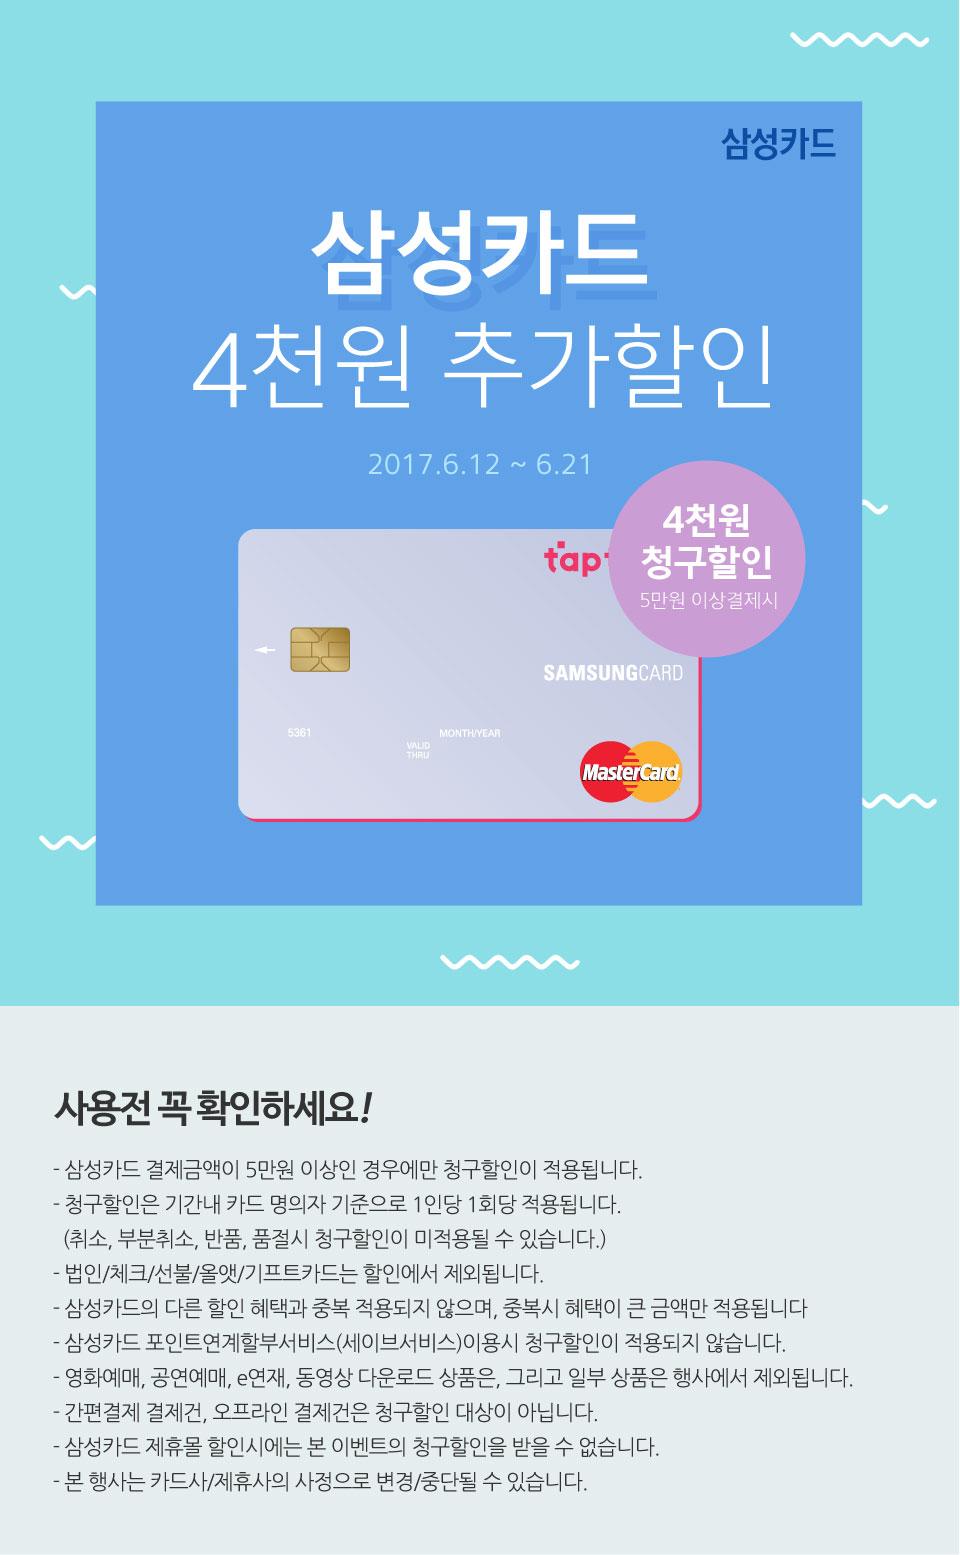 삼성카드 청구할인 이벤트